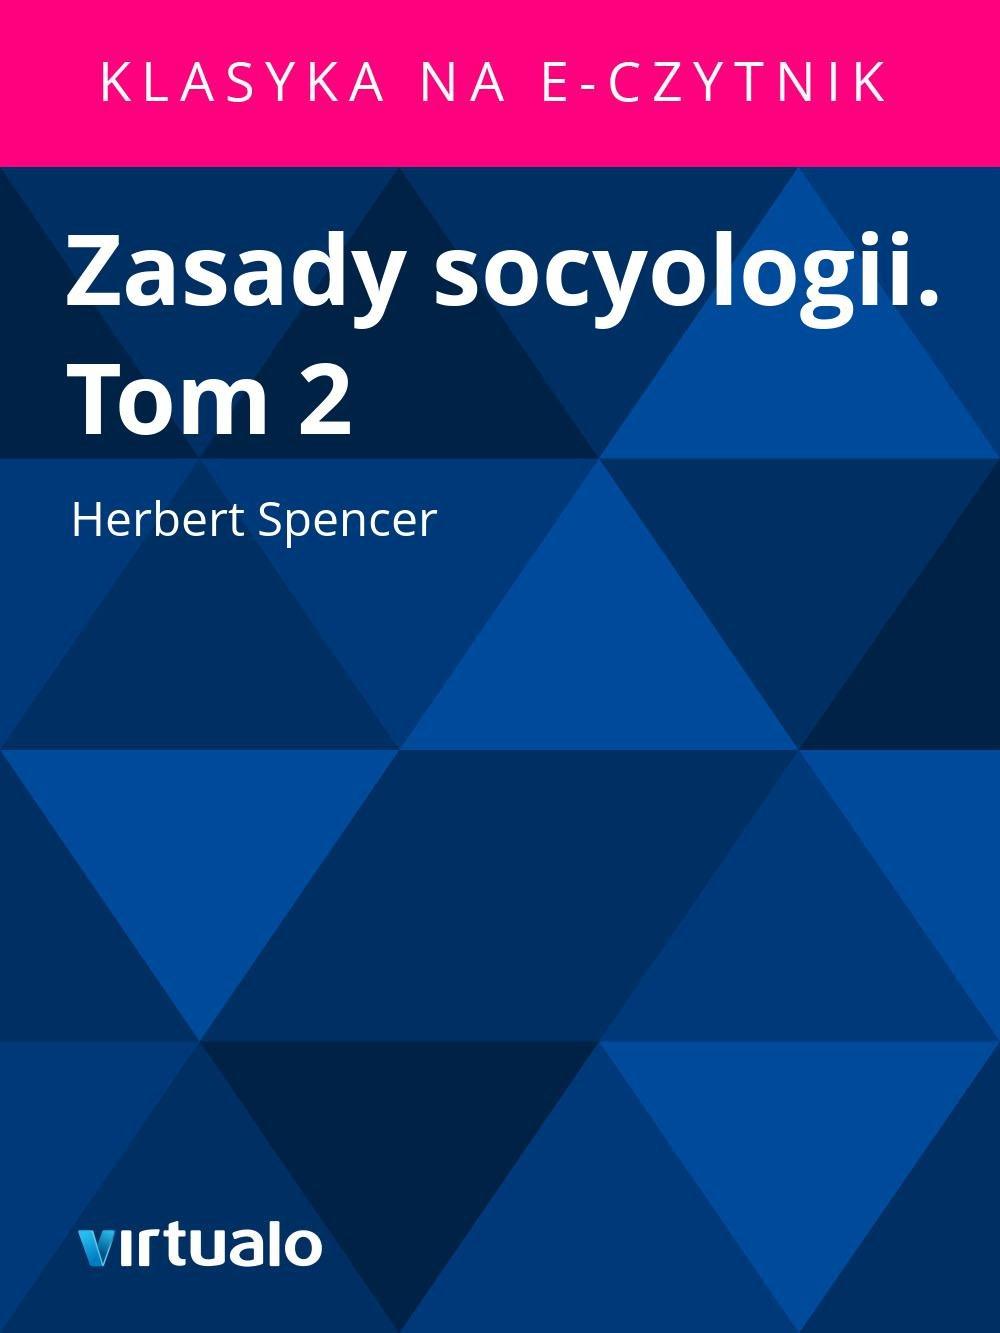 Zasady socyologii. Tom 2 - Ebook (Książka EPUB) do pobrania w formacie EPUB